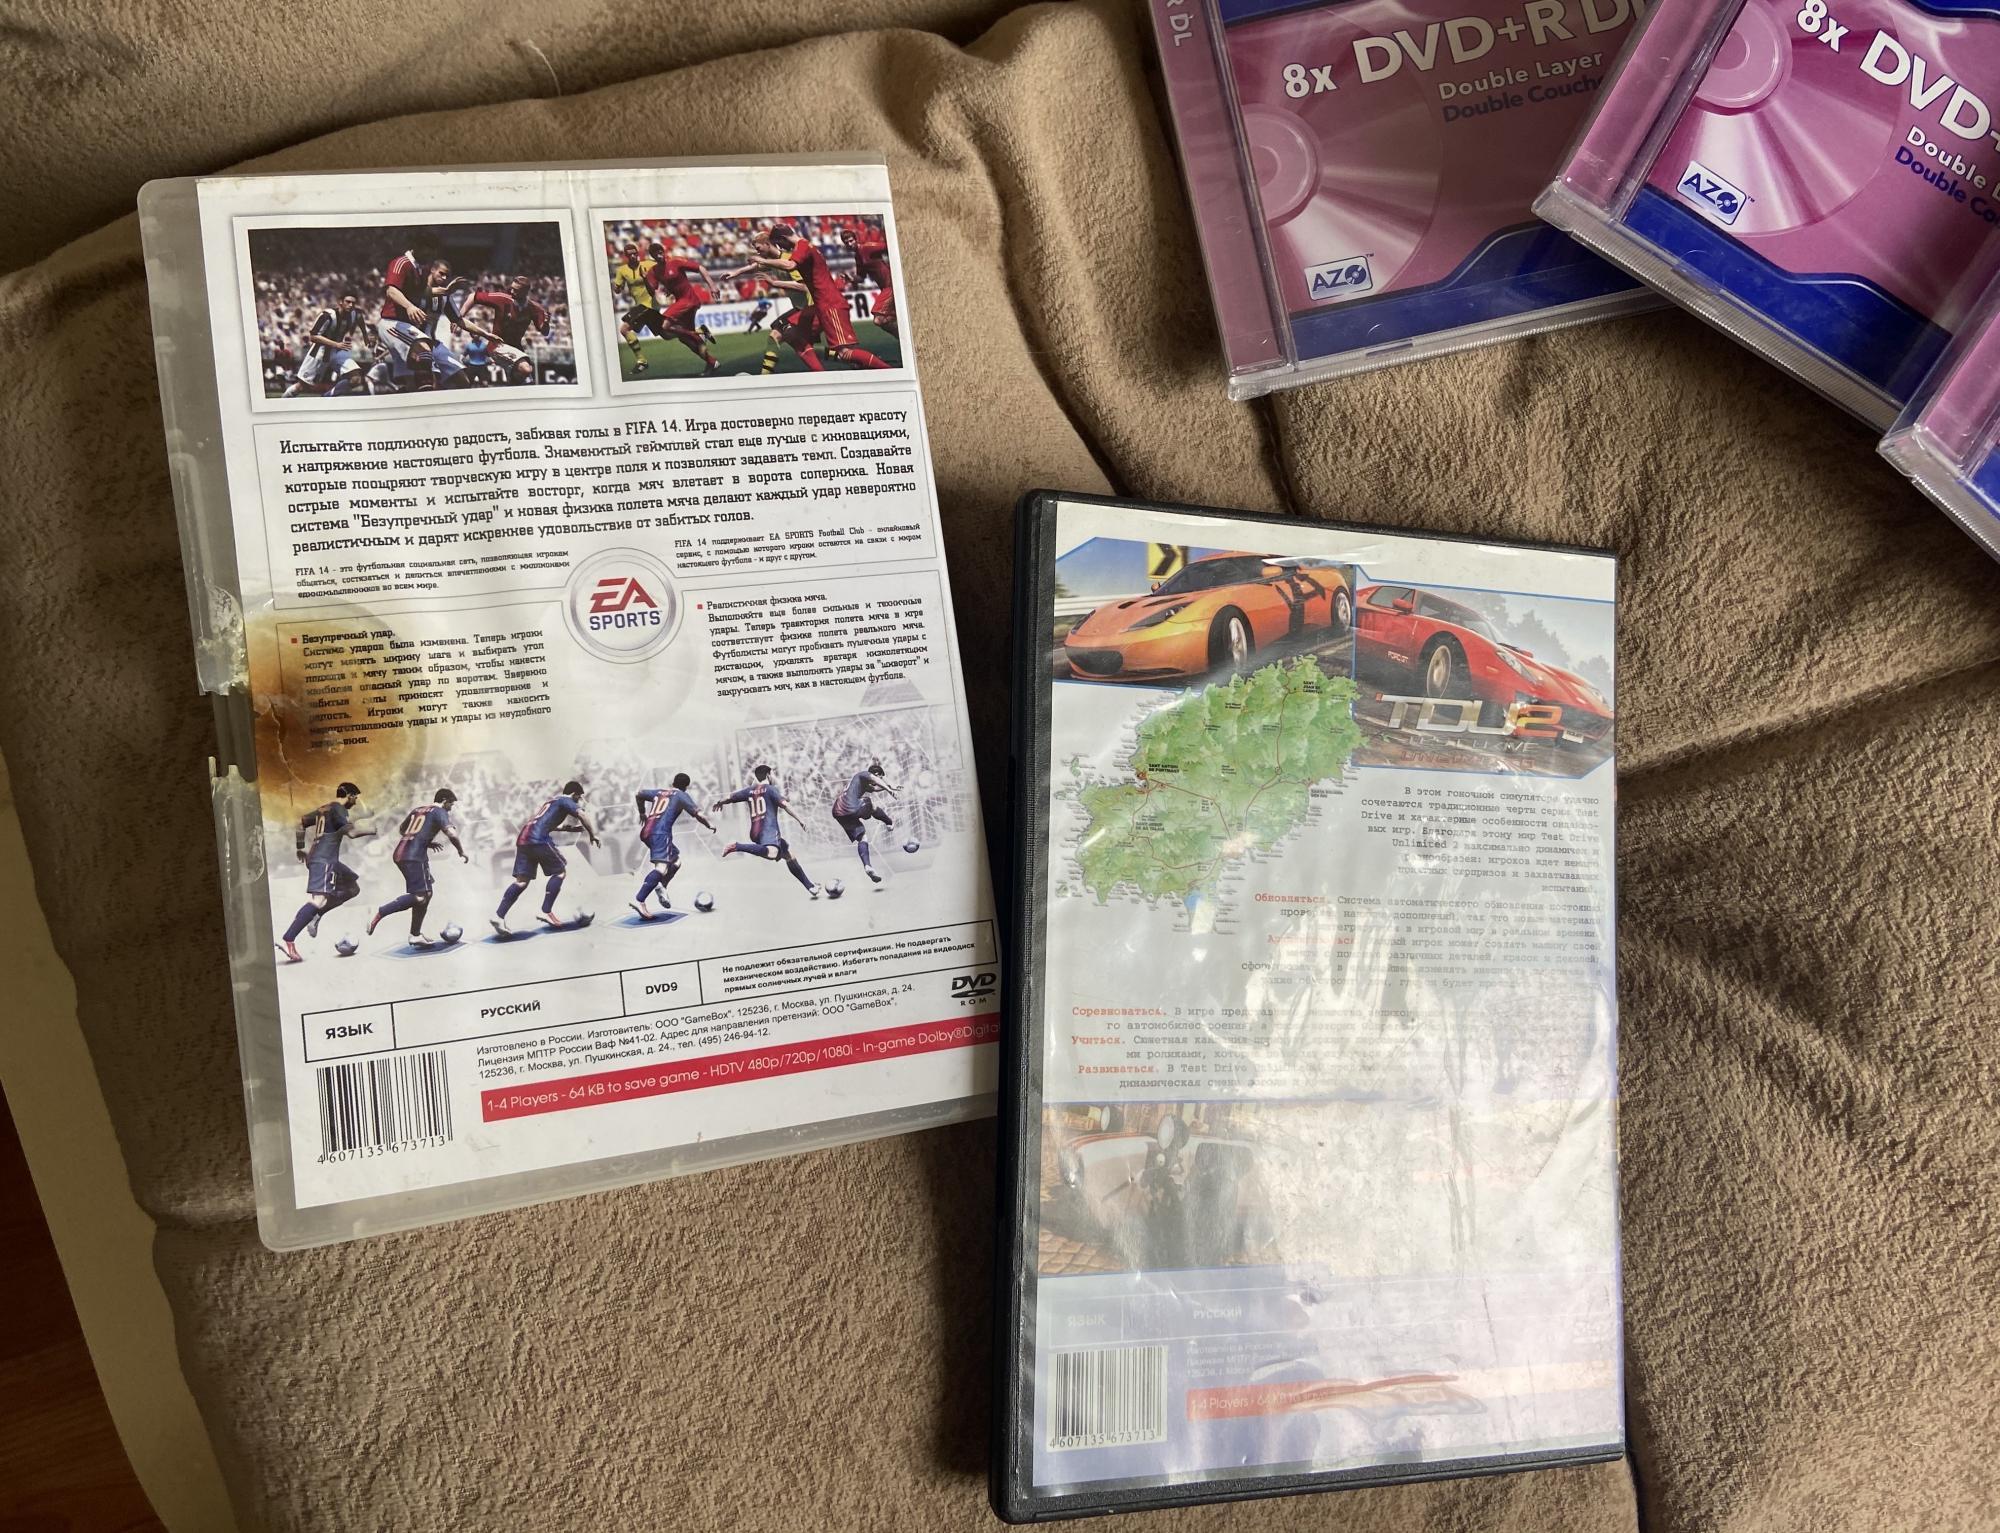 Чистые диски Dvd -r . Диски для xbox в Московском 89161851320 купить 2